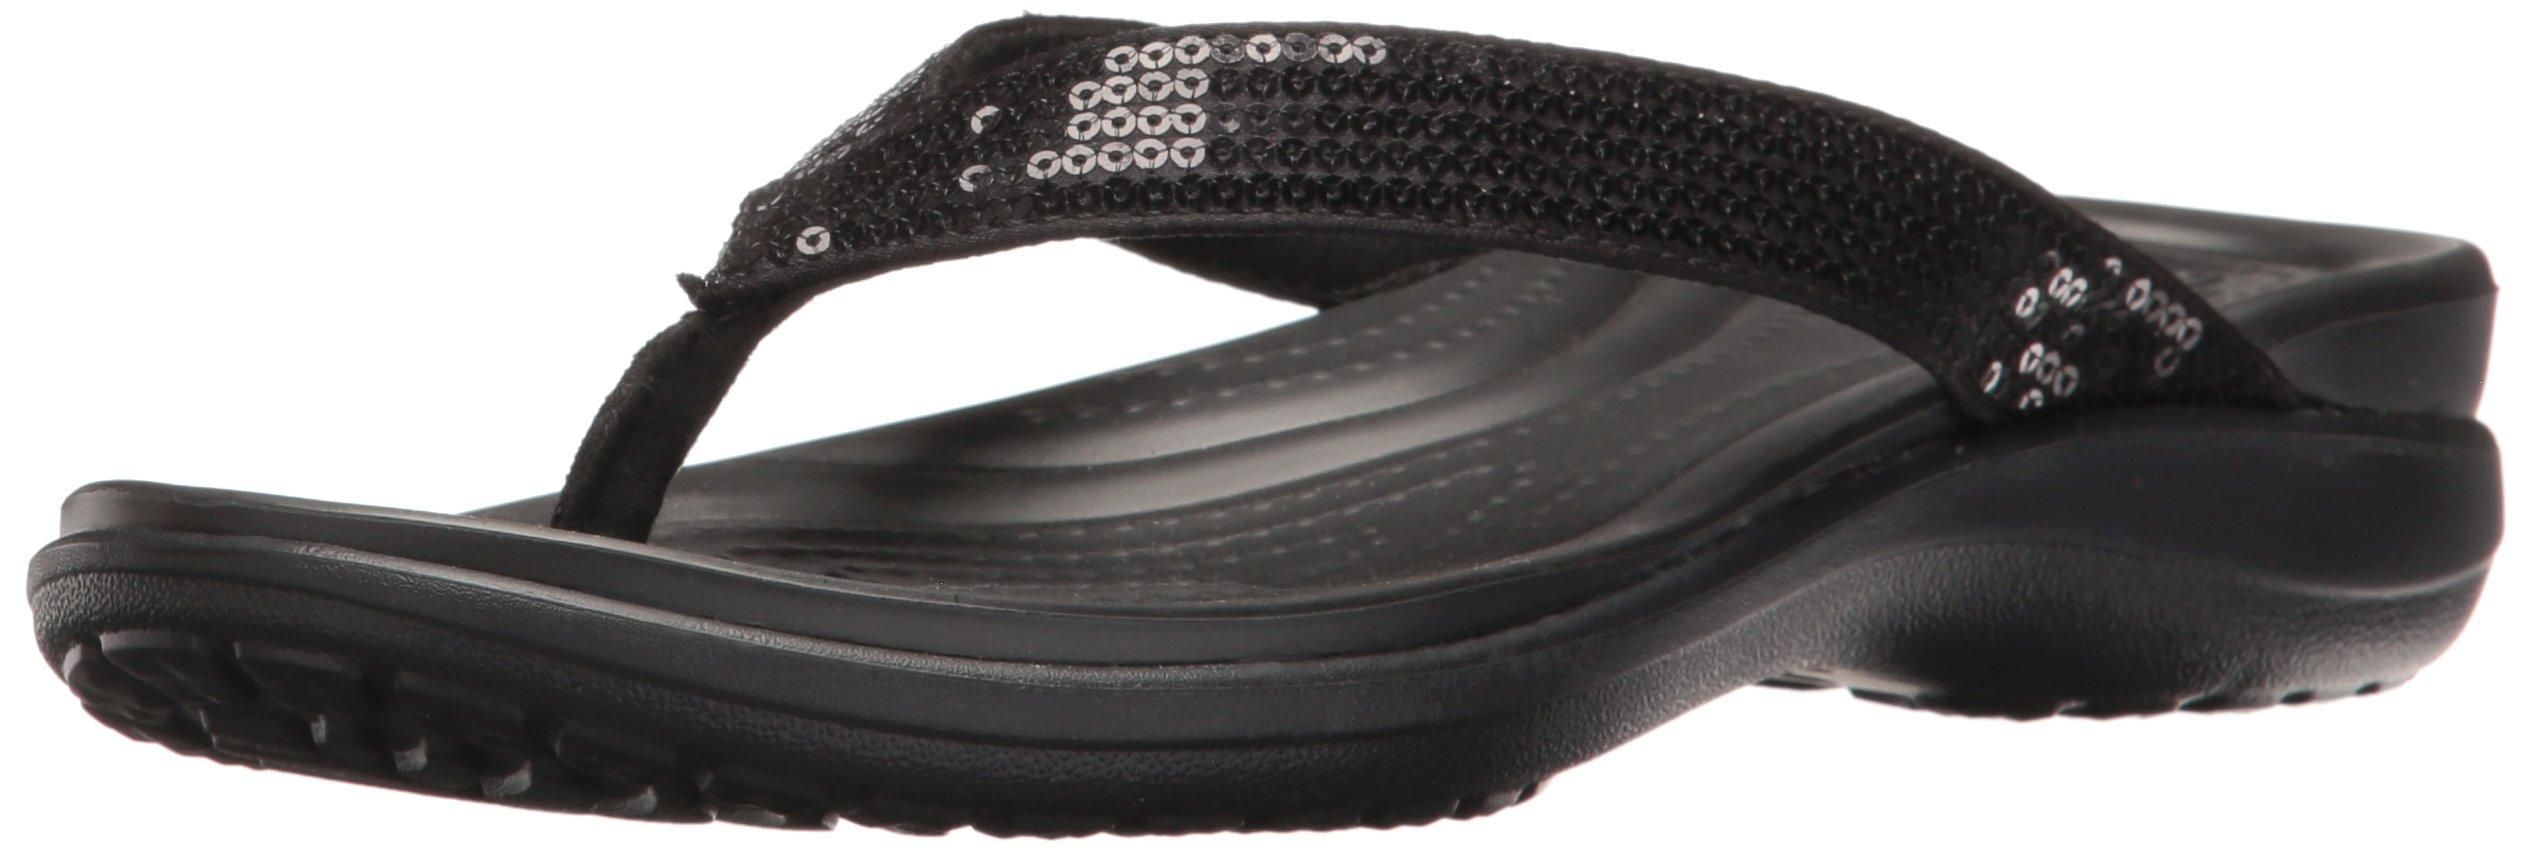 eb2e19a91f92 Galleon - Crocs Women s Capri V Sequin W Flip Flop